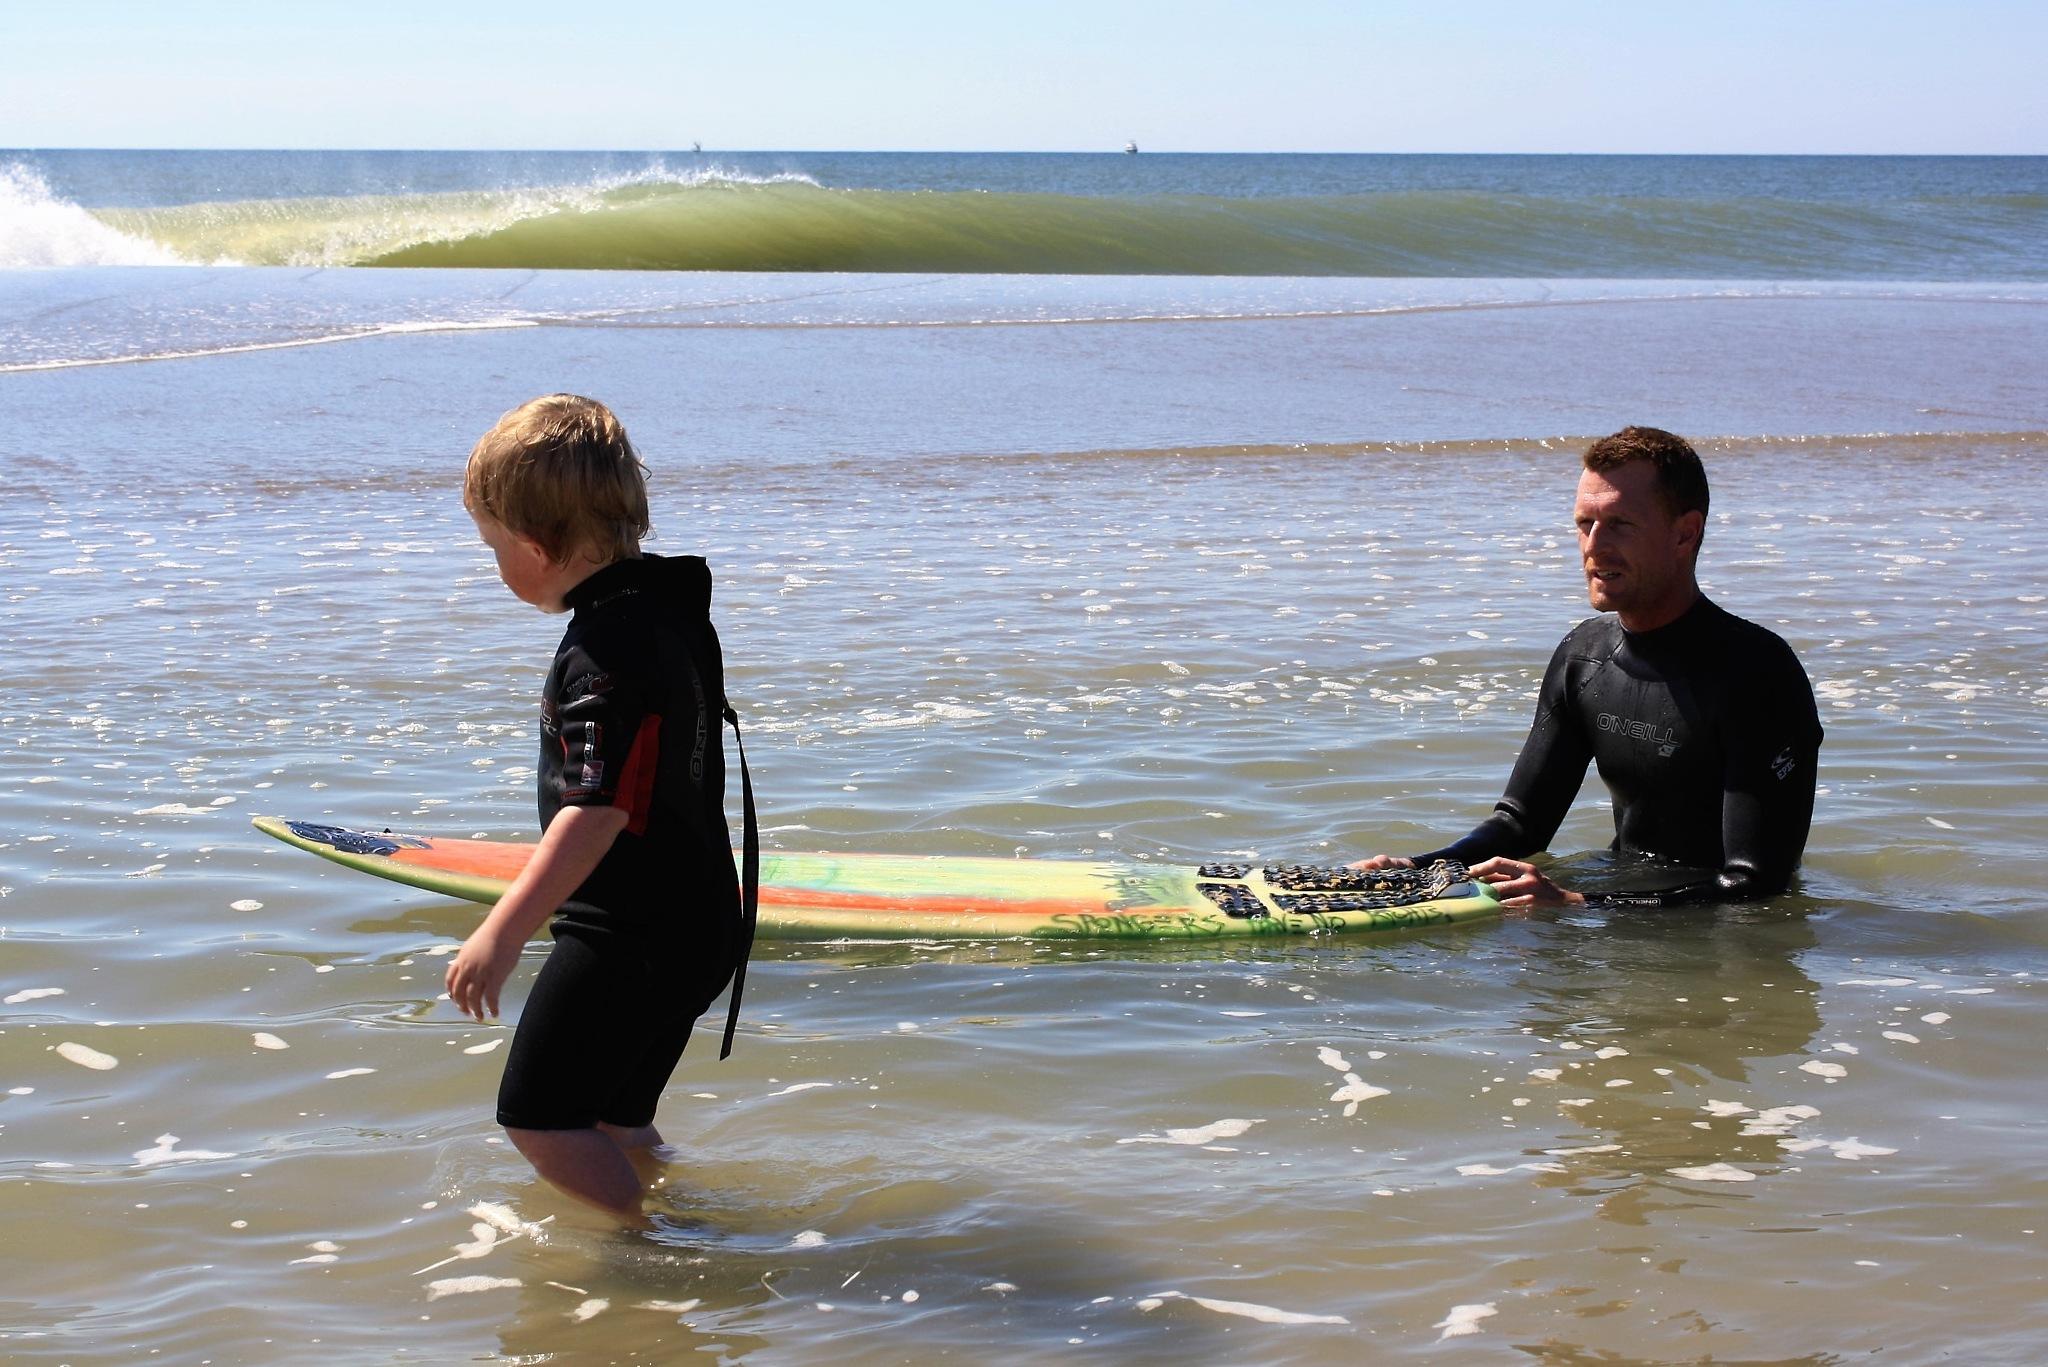 Seasons' Surf Lessons by Gemeghan